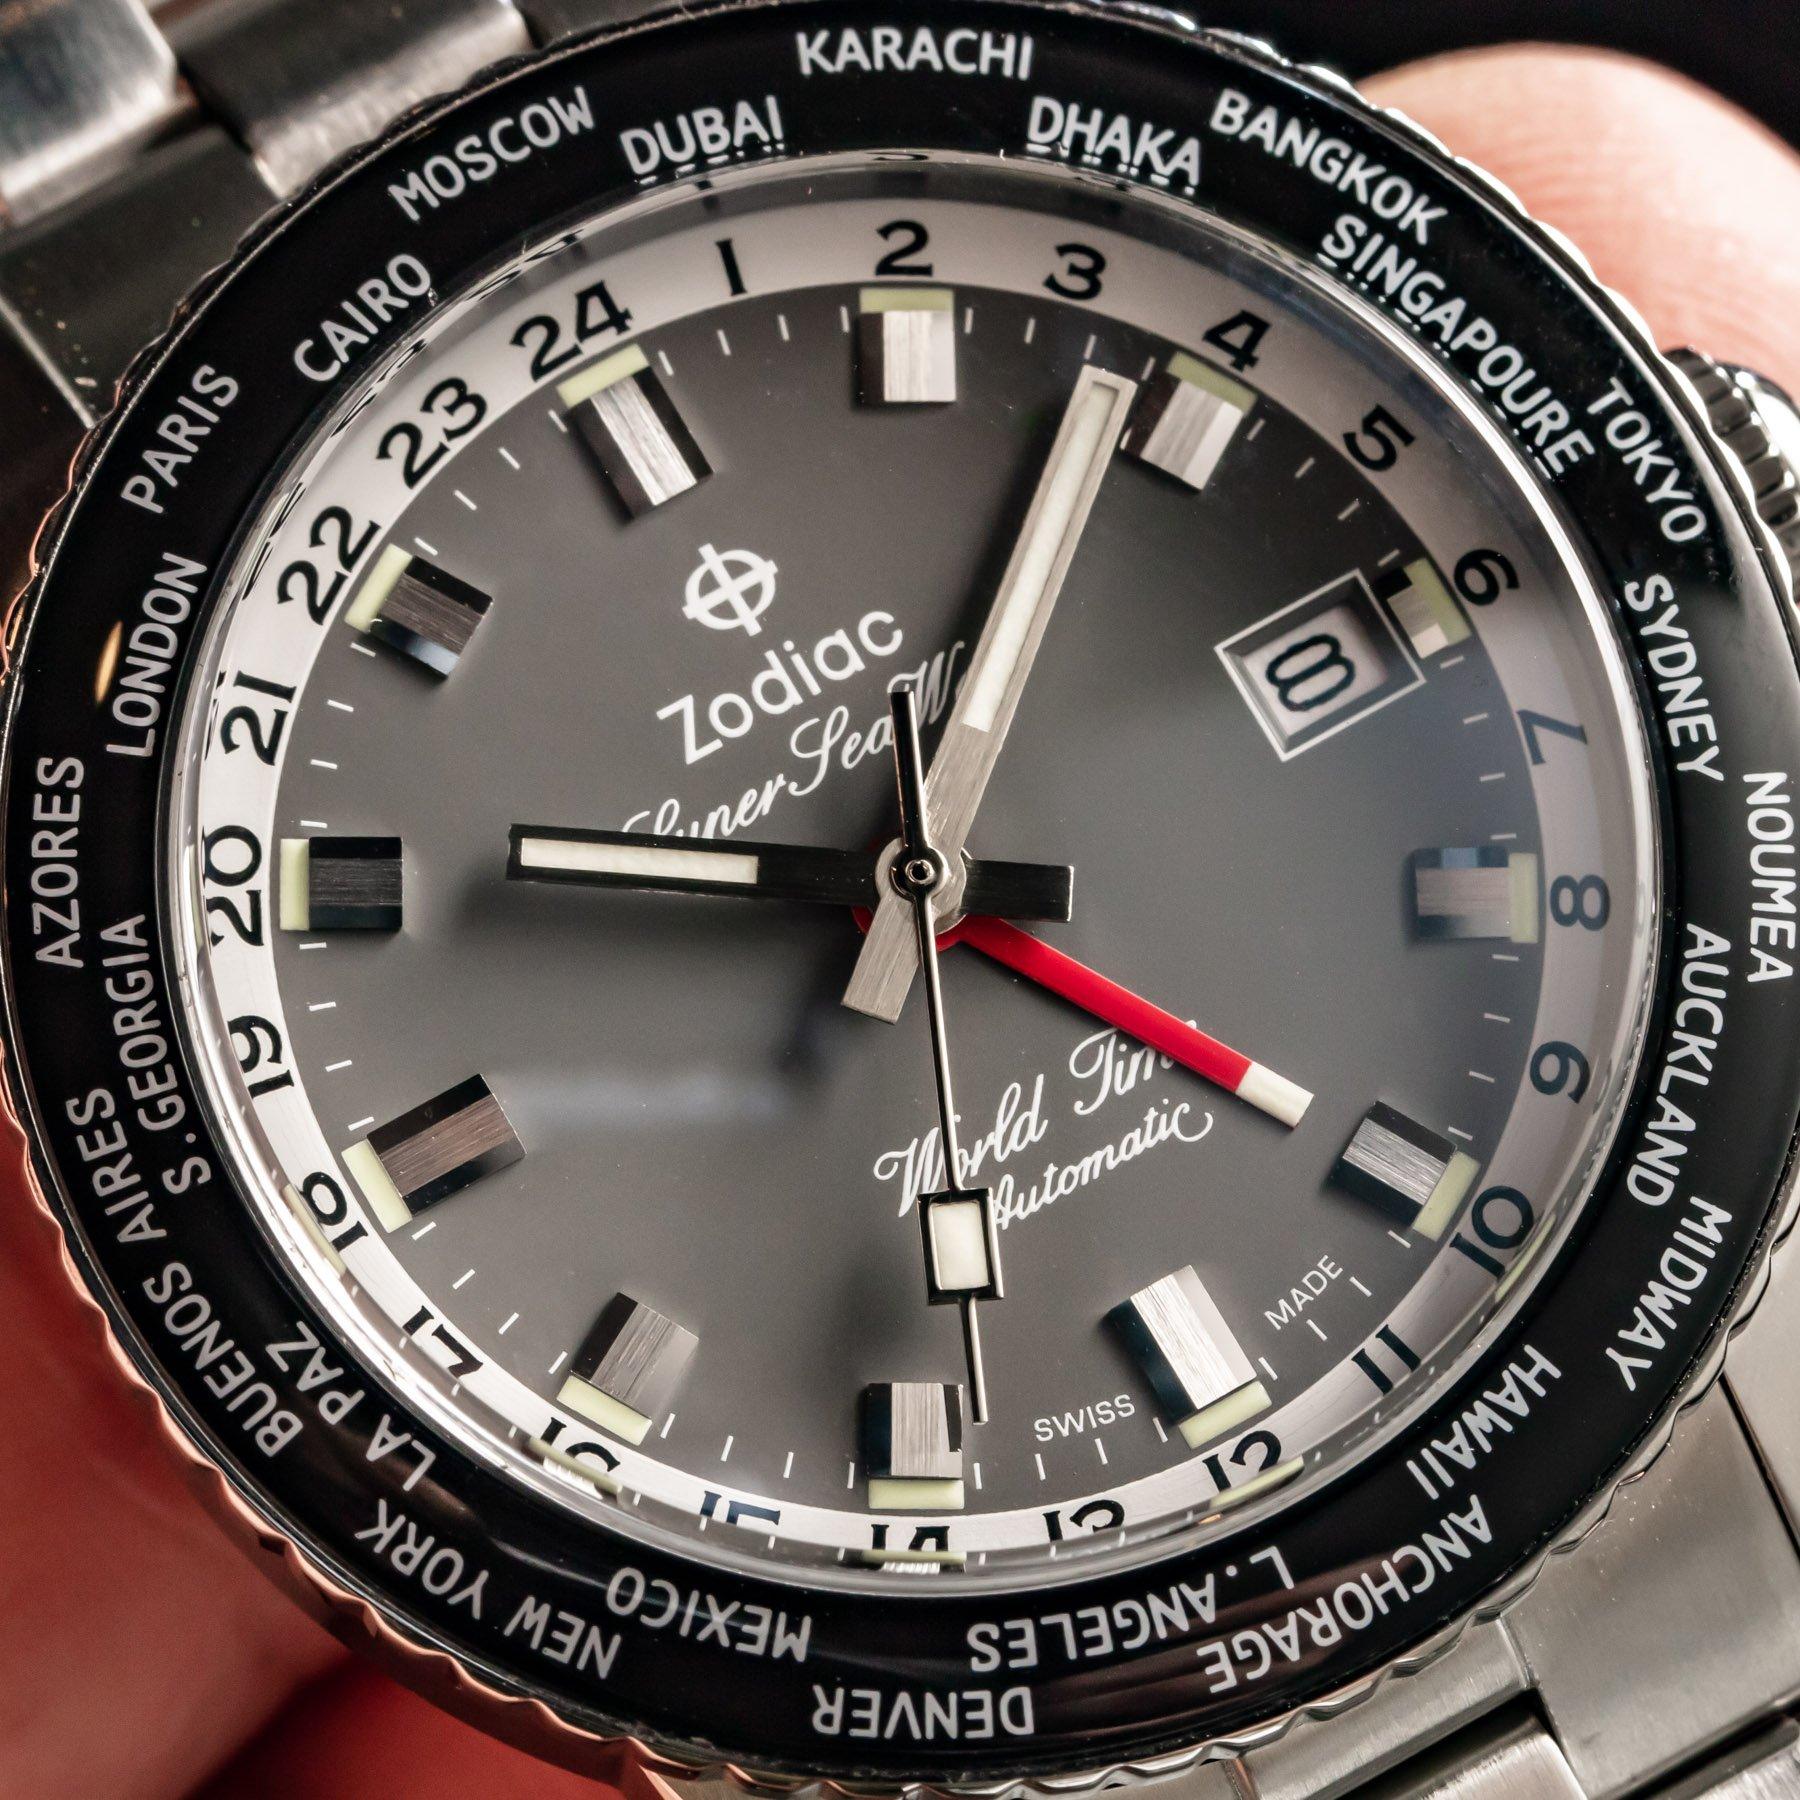 Дебют на руке: Ограниченная серия часов Zodiac Super Sea Wolf с мировым временем